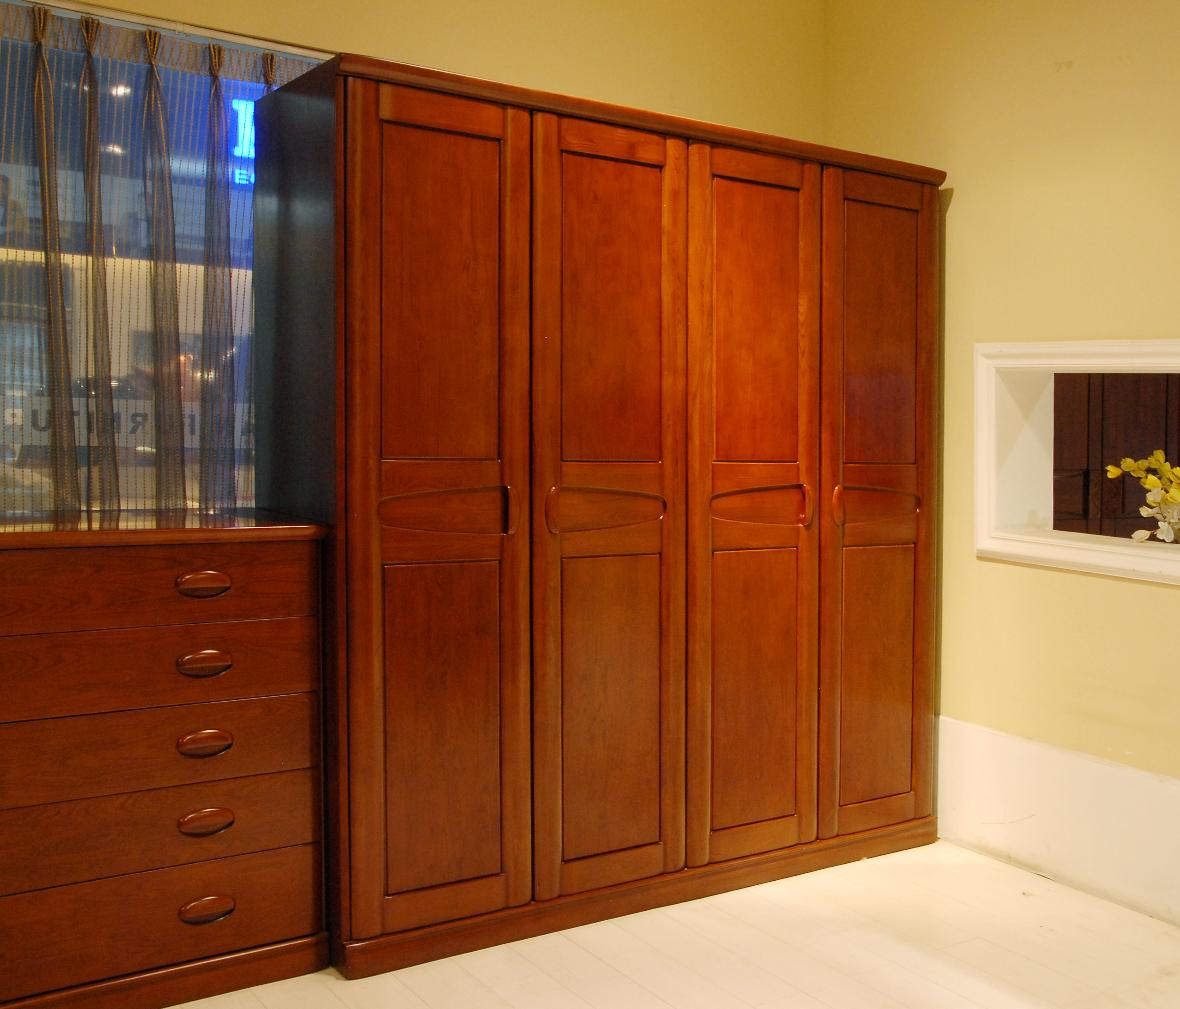 卧室系列  眼缘:0  赖氏家具 乌金木四门衣柜wja02型号 进口实木 现代